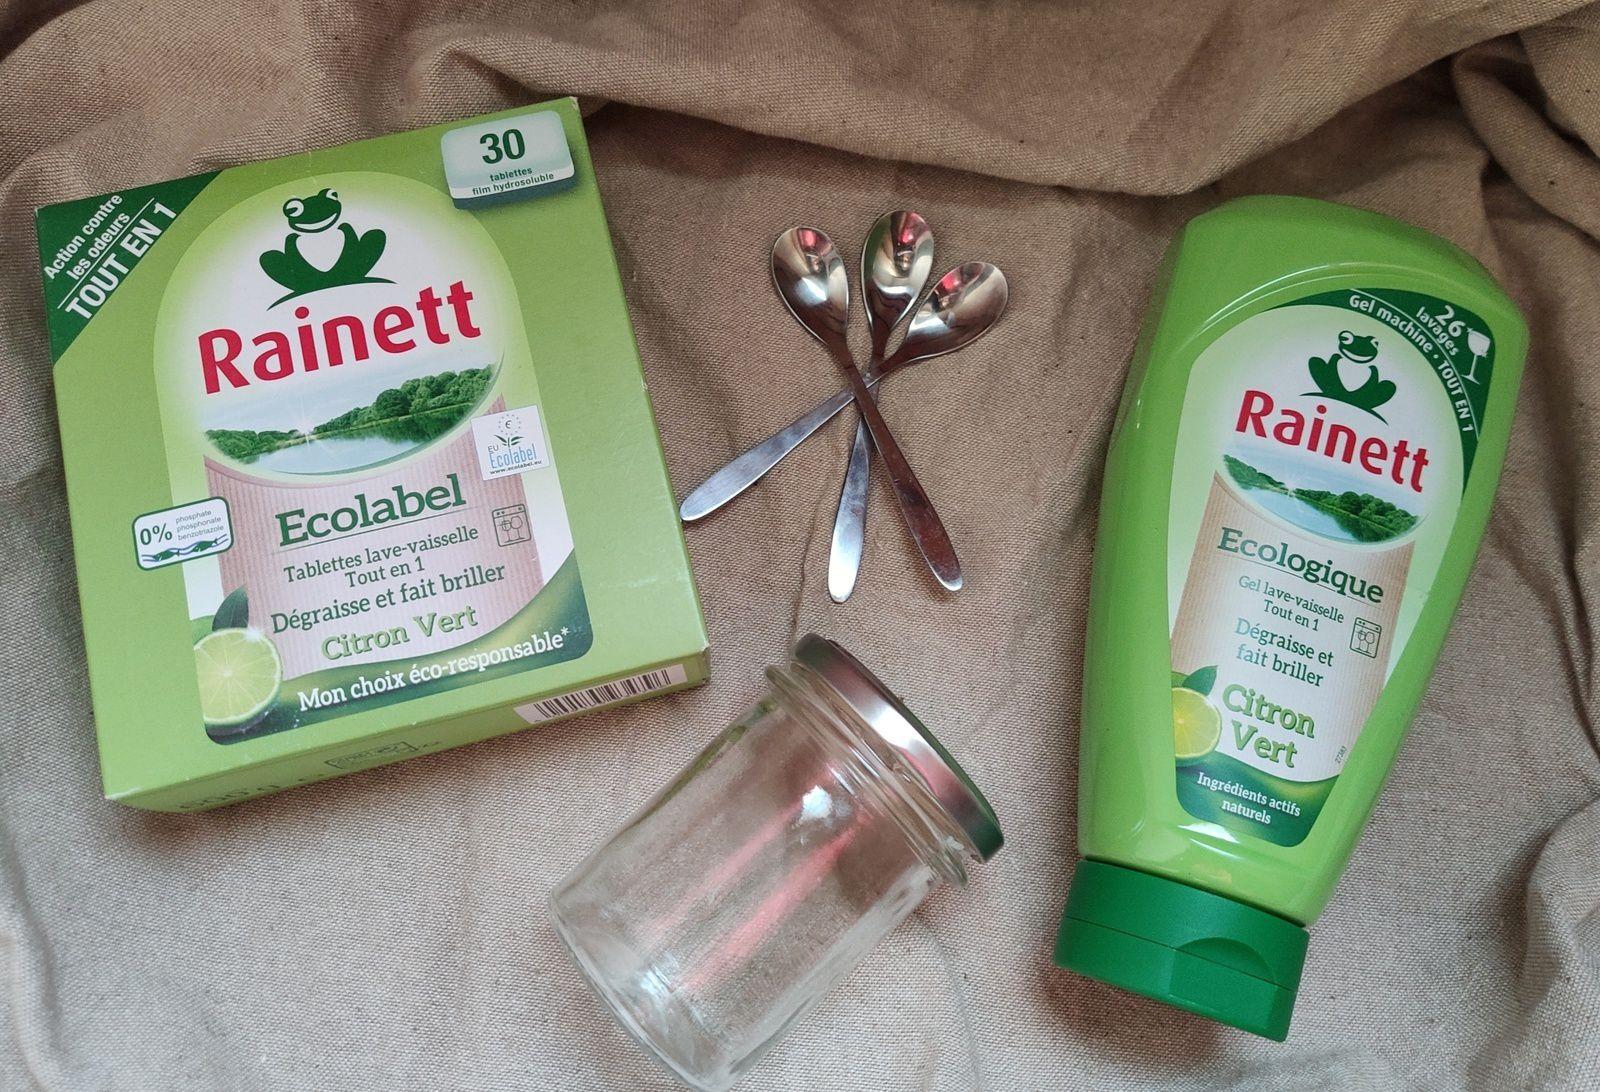 La gamme nettoyants pour lave-vaisselle de chez Rainett.